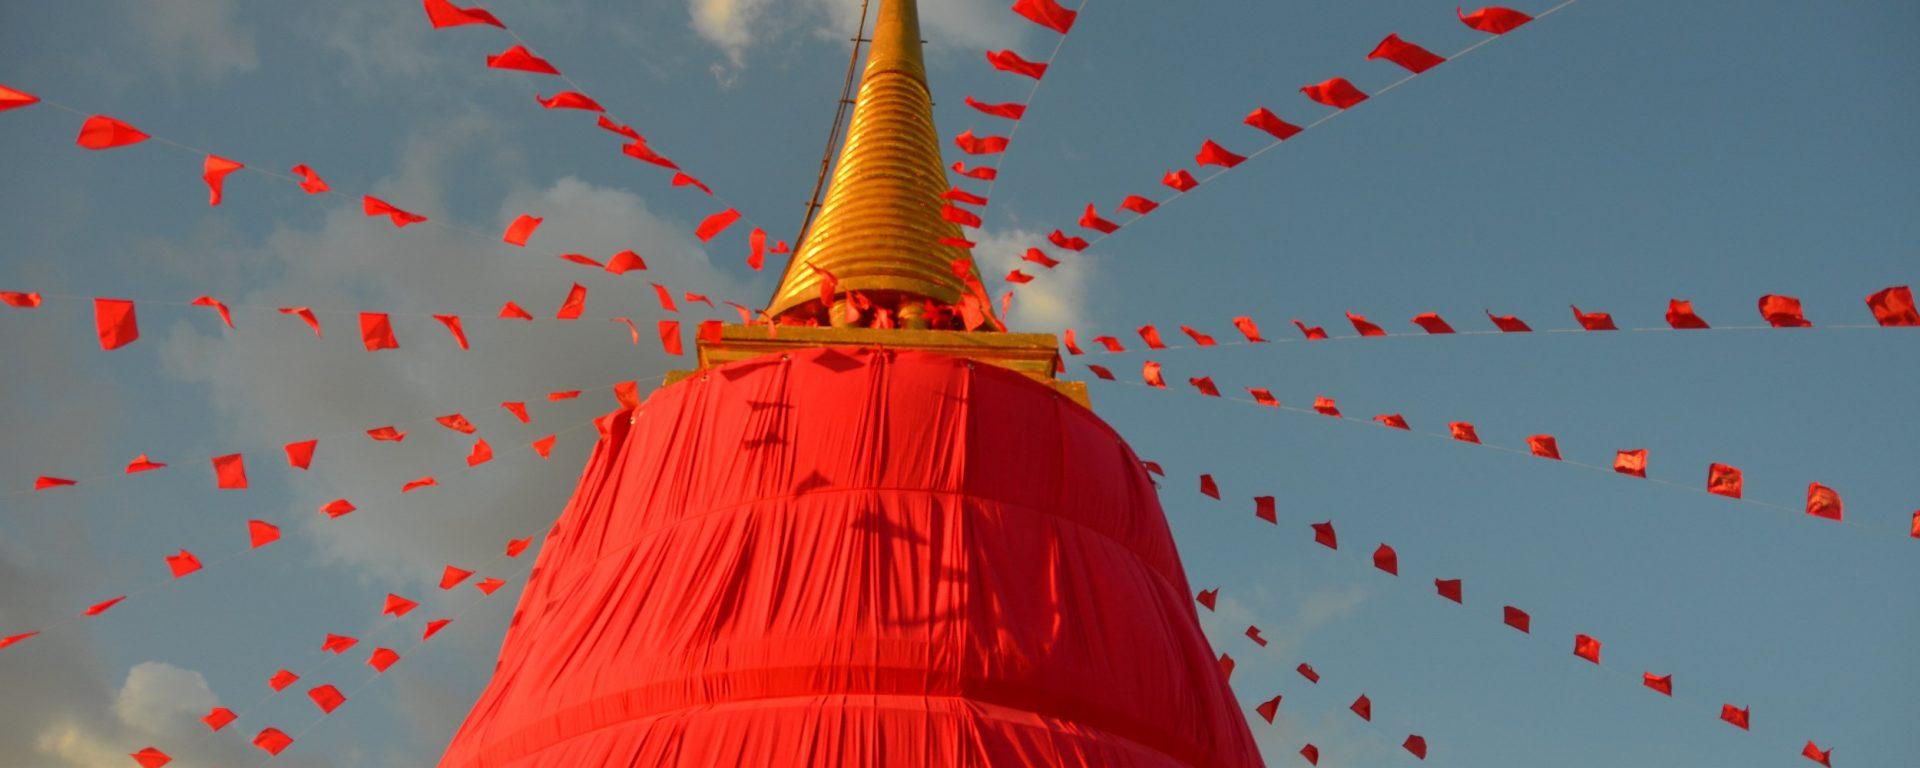 bangkok, estupa, montanha dourada, golden mountain, temmplo budista, parei de ver tv, viagem, sabático, viajando e aprendendo, cuore curioso,